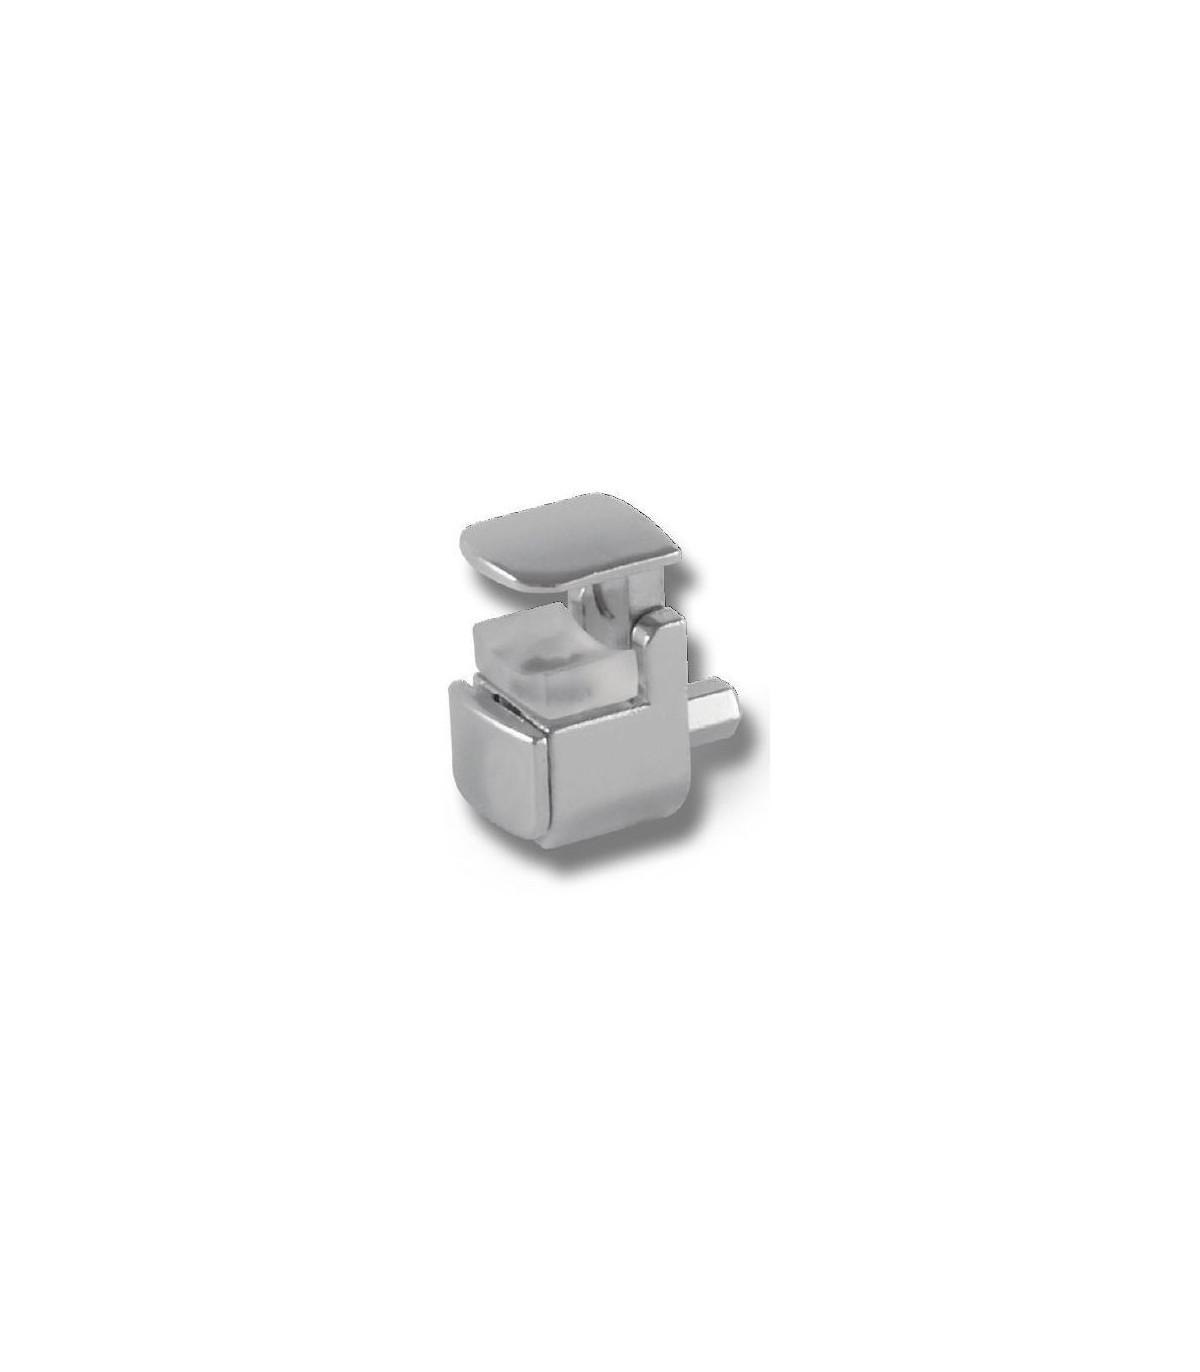 Ajouter Une Étagère Dans Un Placard ce taquet permet de fixer des étagères en verre de façon sûre.